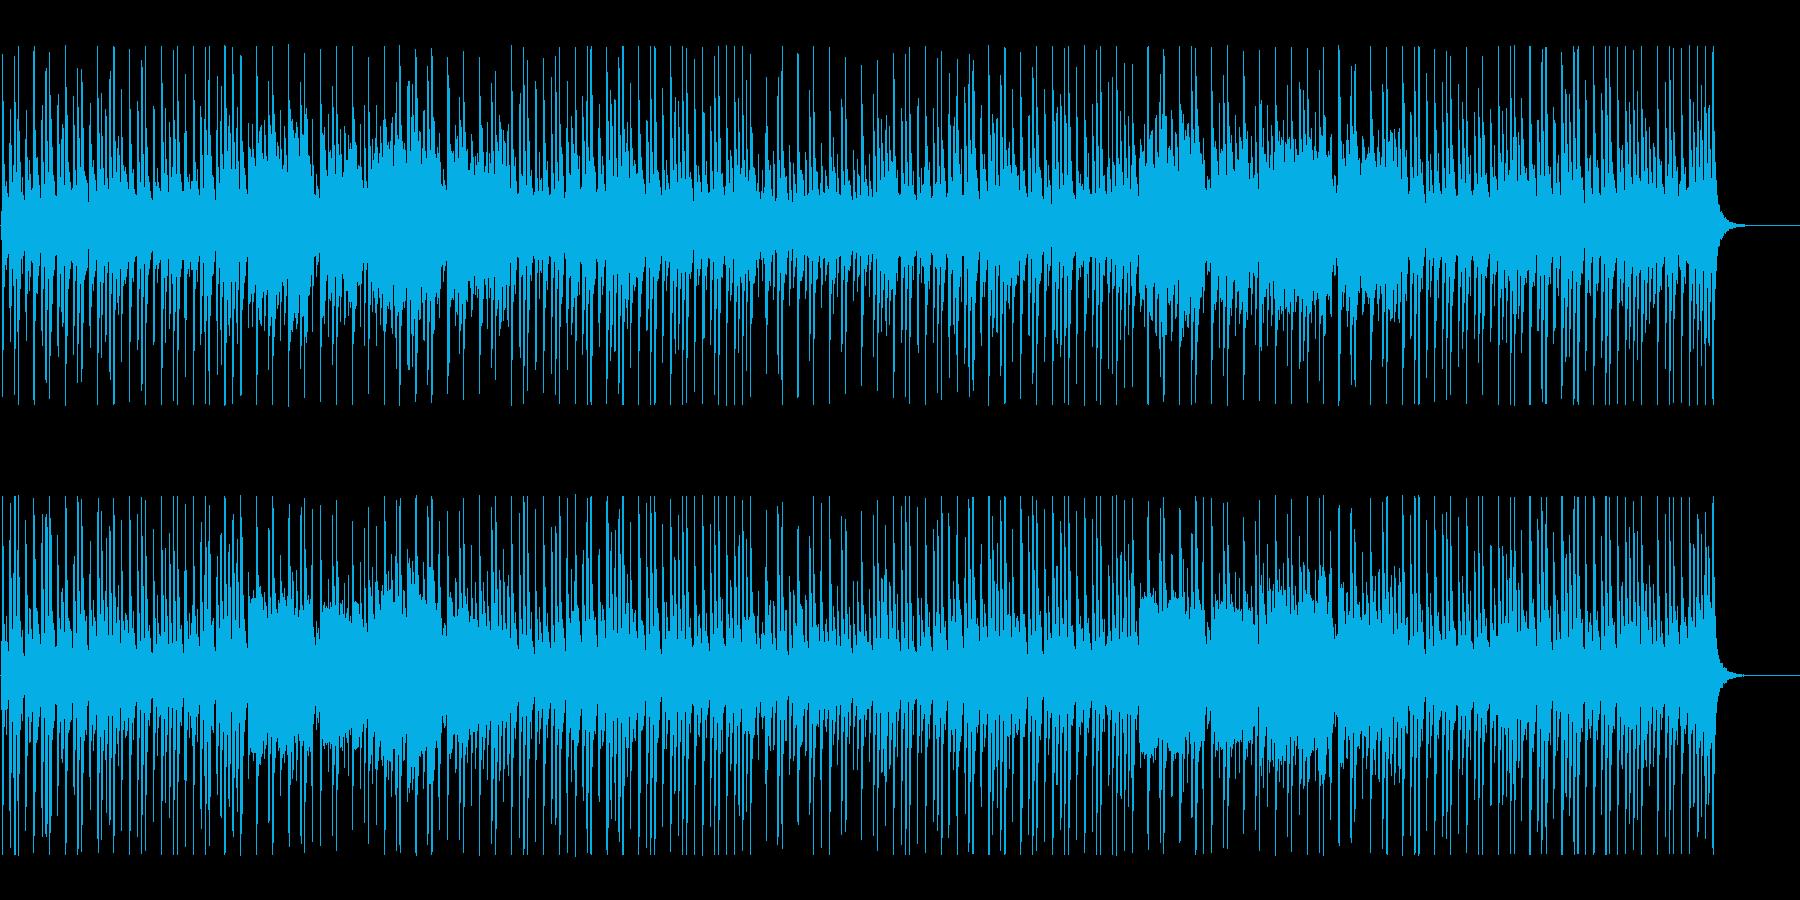 爽やかでほのぼのとしたBGMの再生済みの波形